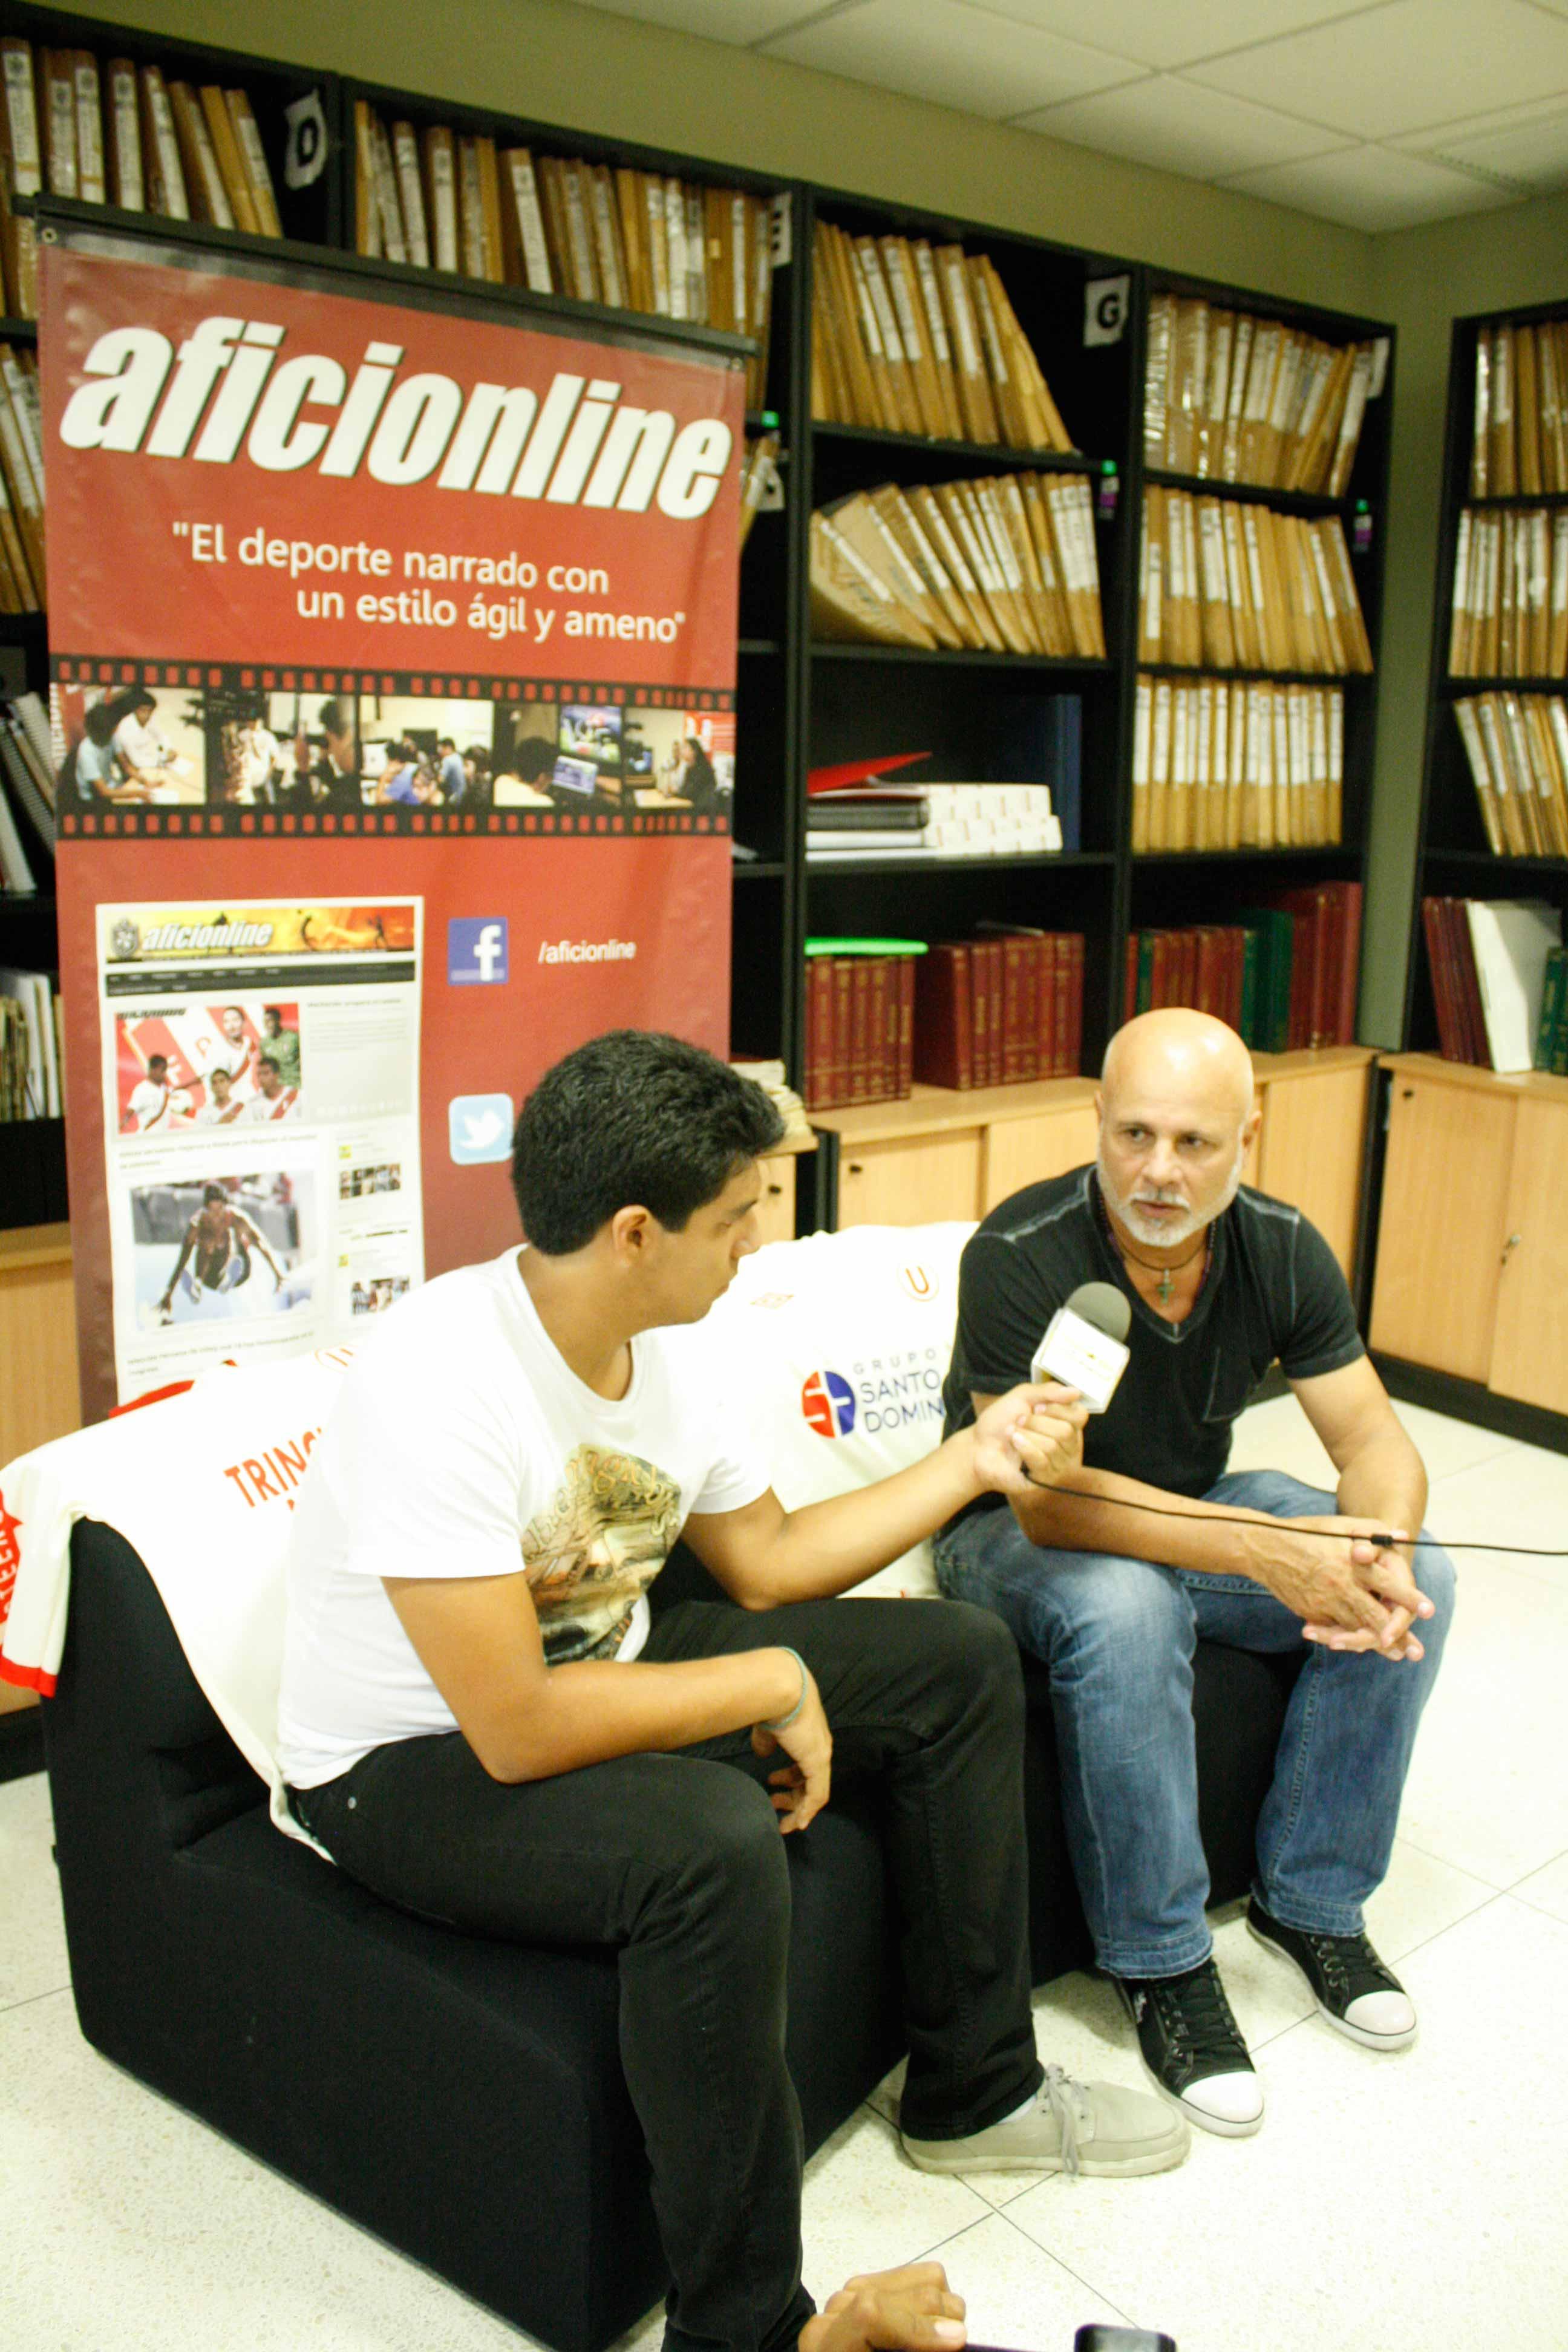 Nunes se muestra optimista a pesar de la situación actual de la 'U' y Comizzo (Foto: Nelson Arias / Aficionline.com).